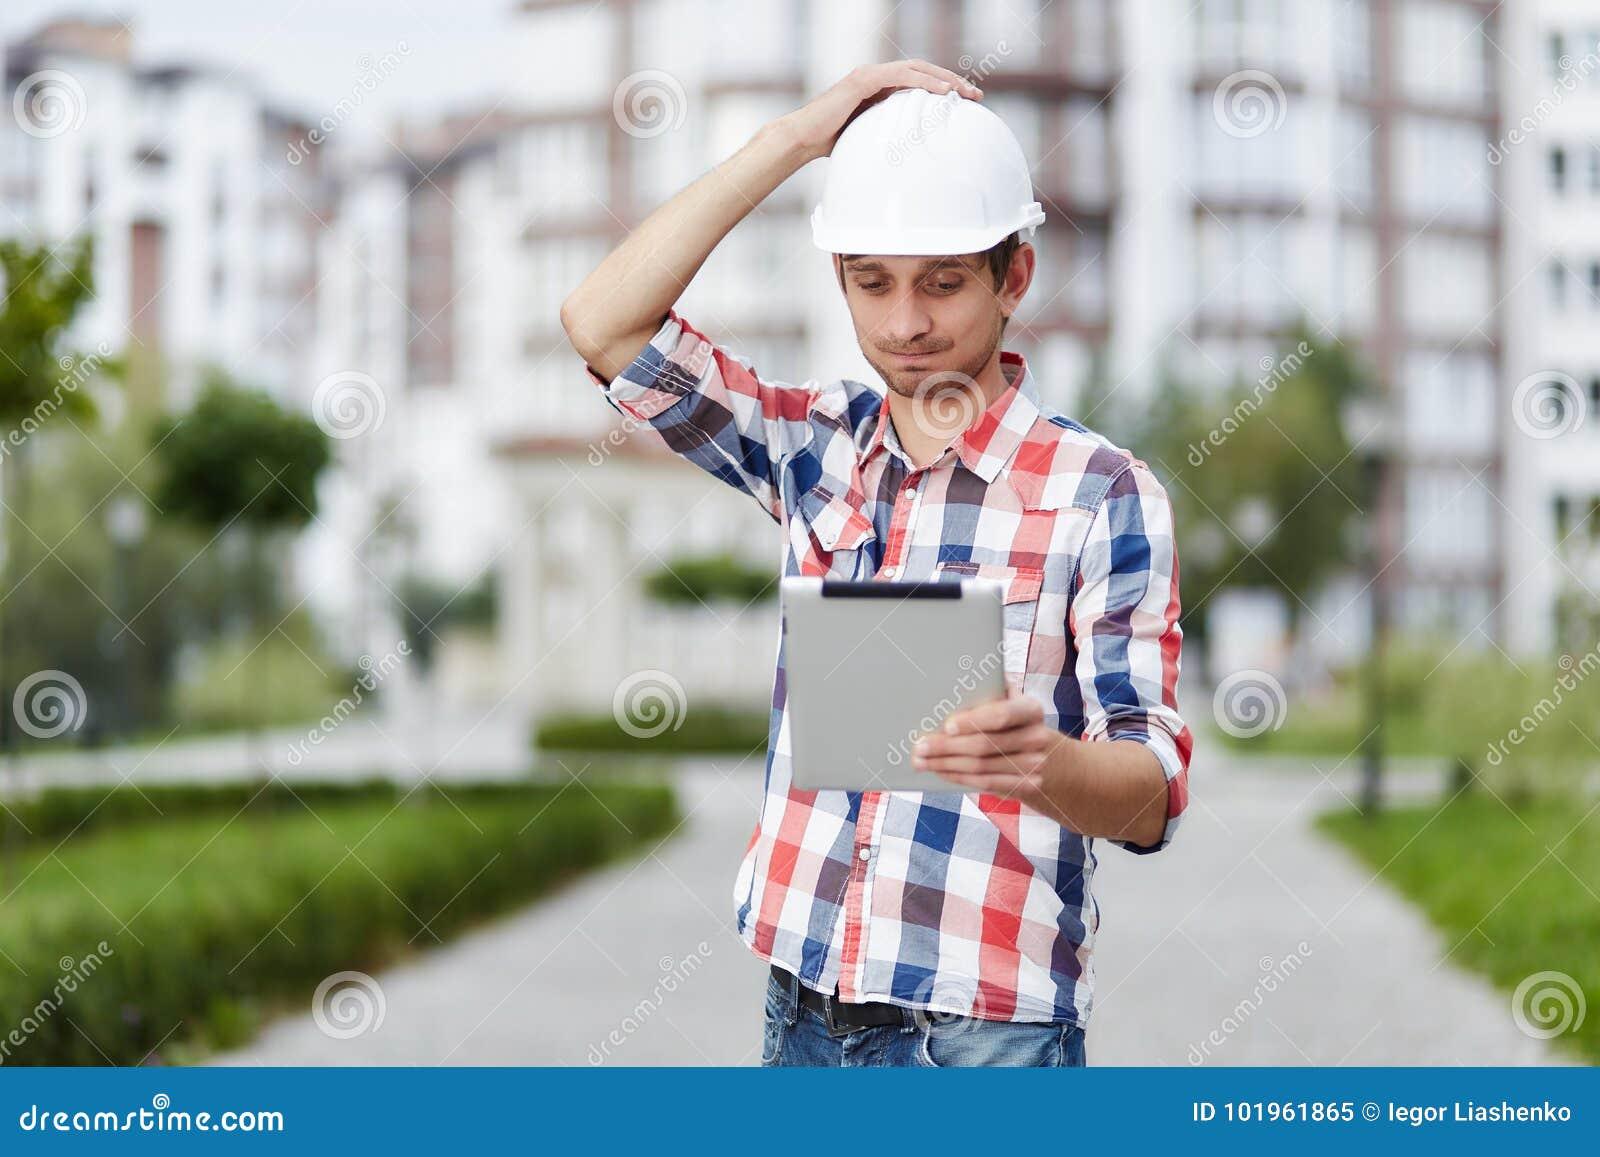 Junger Architekt vor Wohngebäude